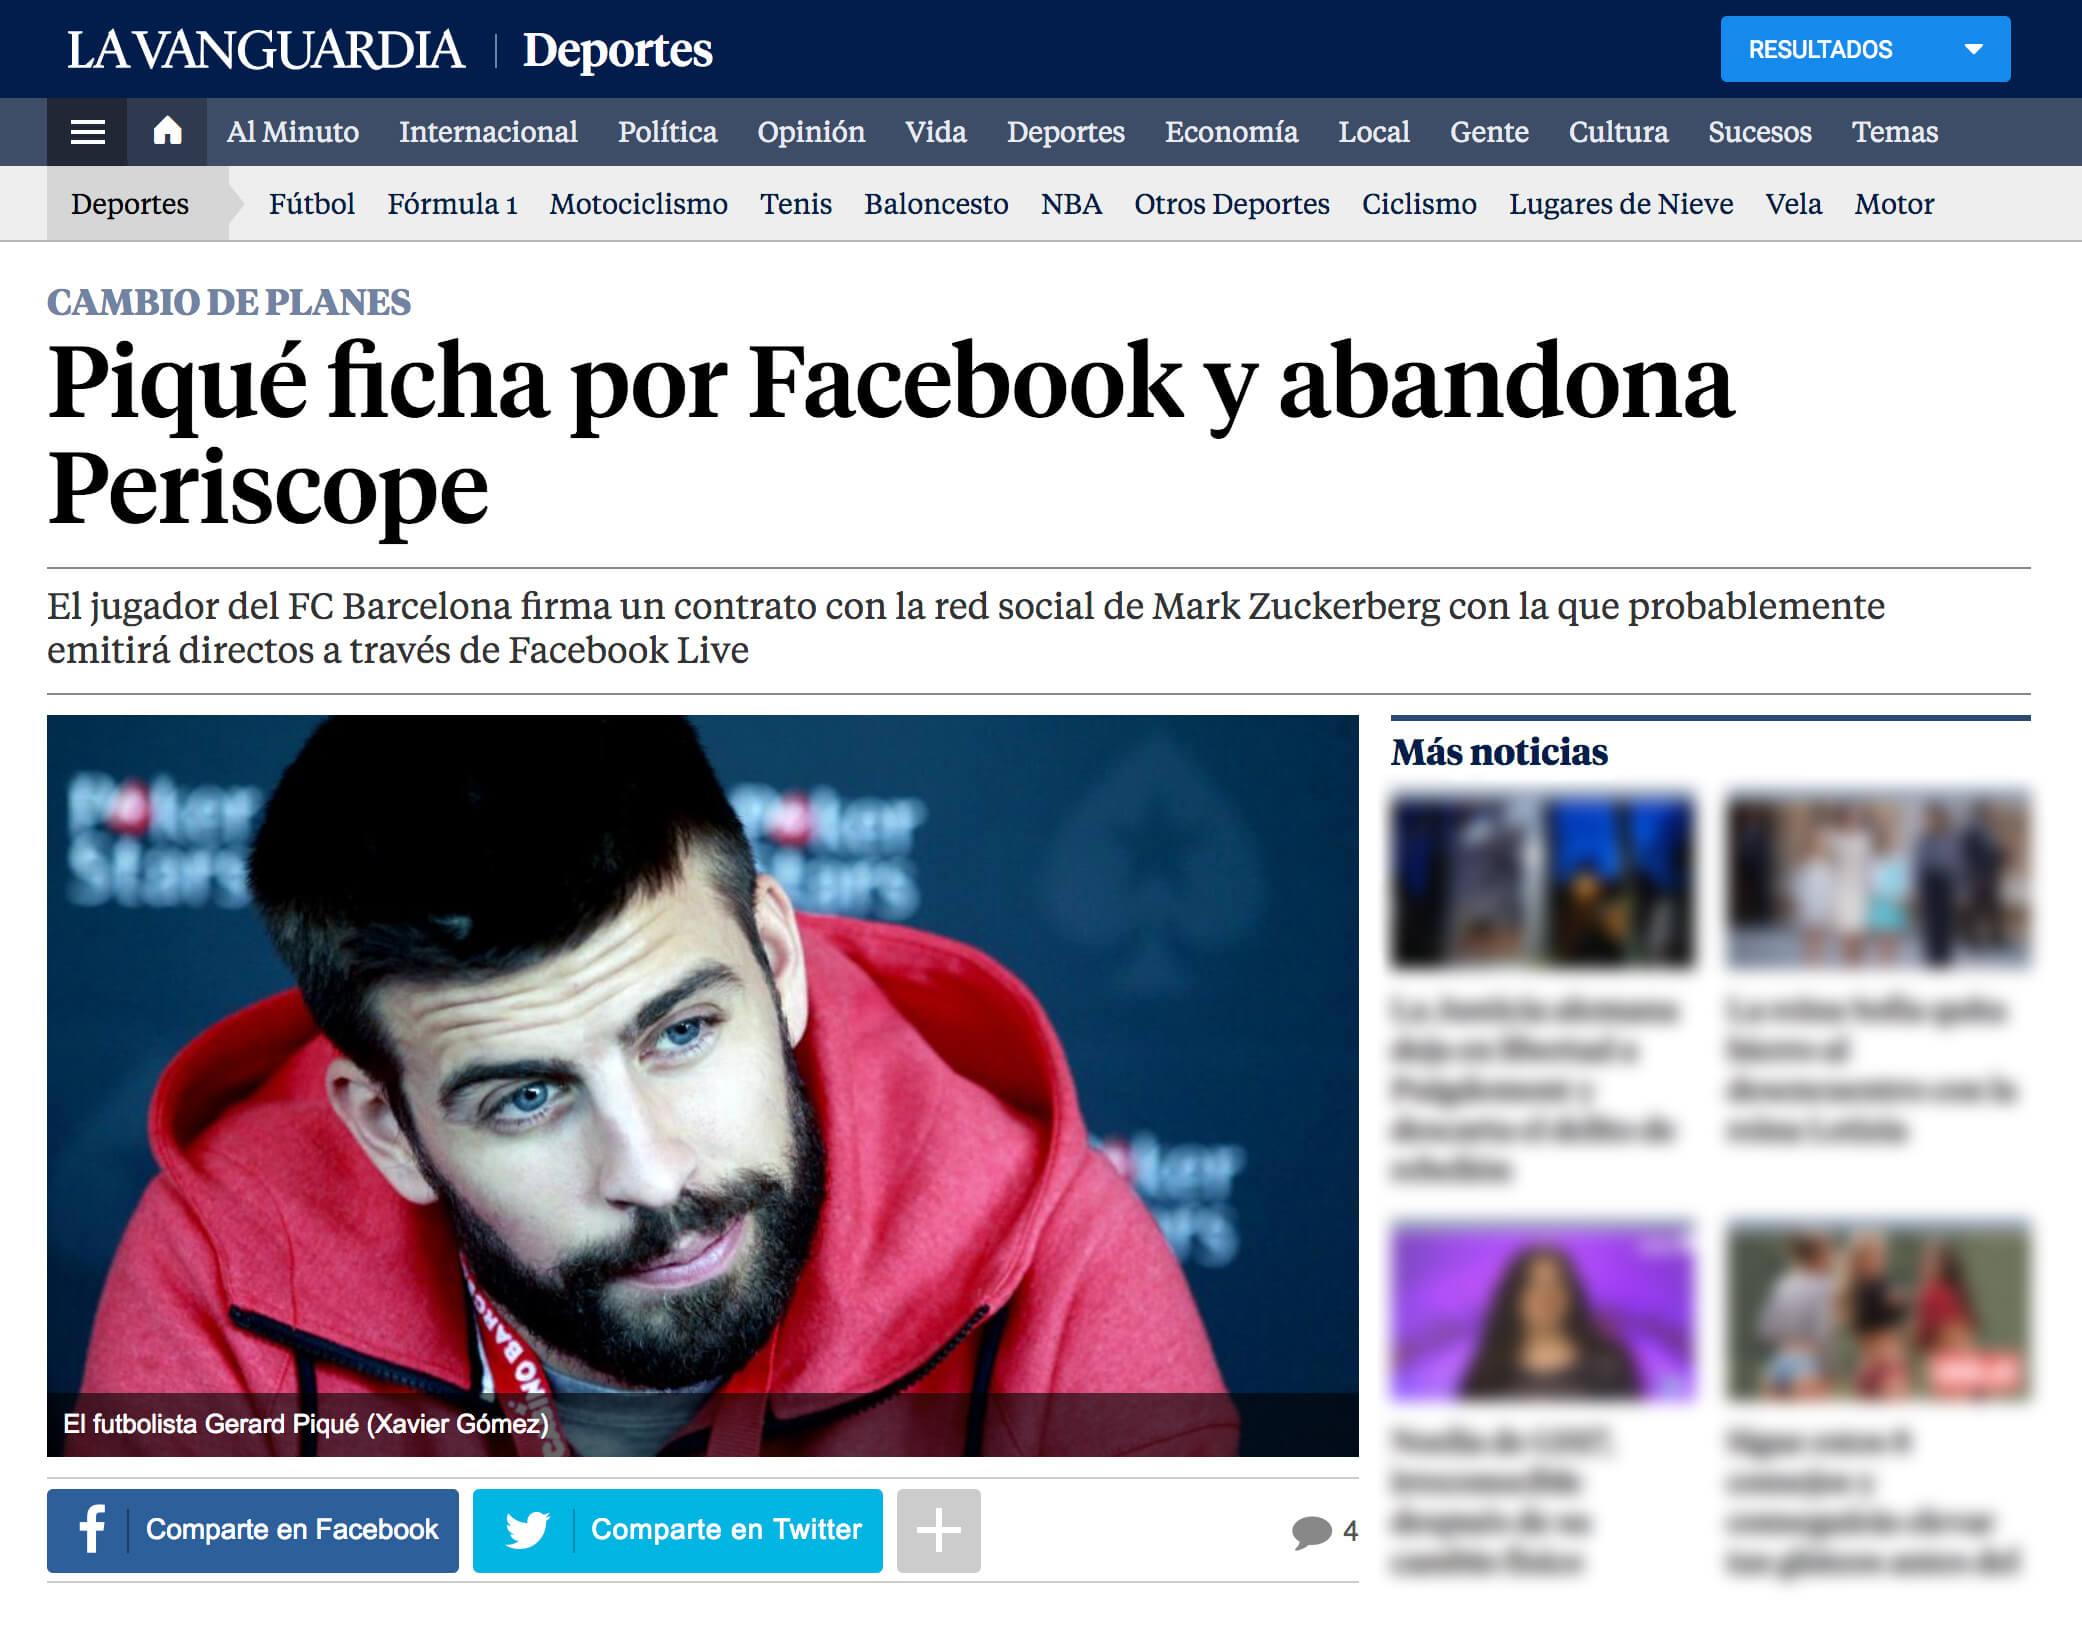 Gerard Piqué ficha por Facebook y abandona Periscope 18/06/2016